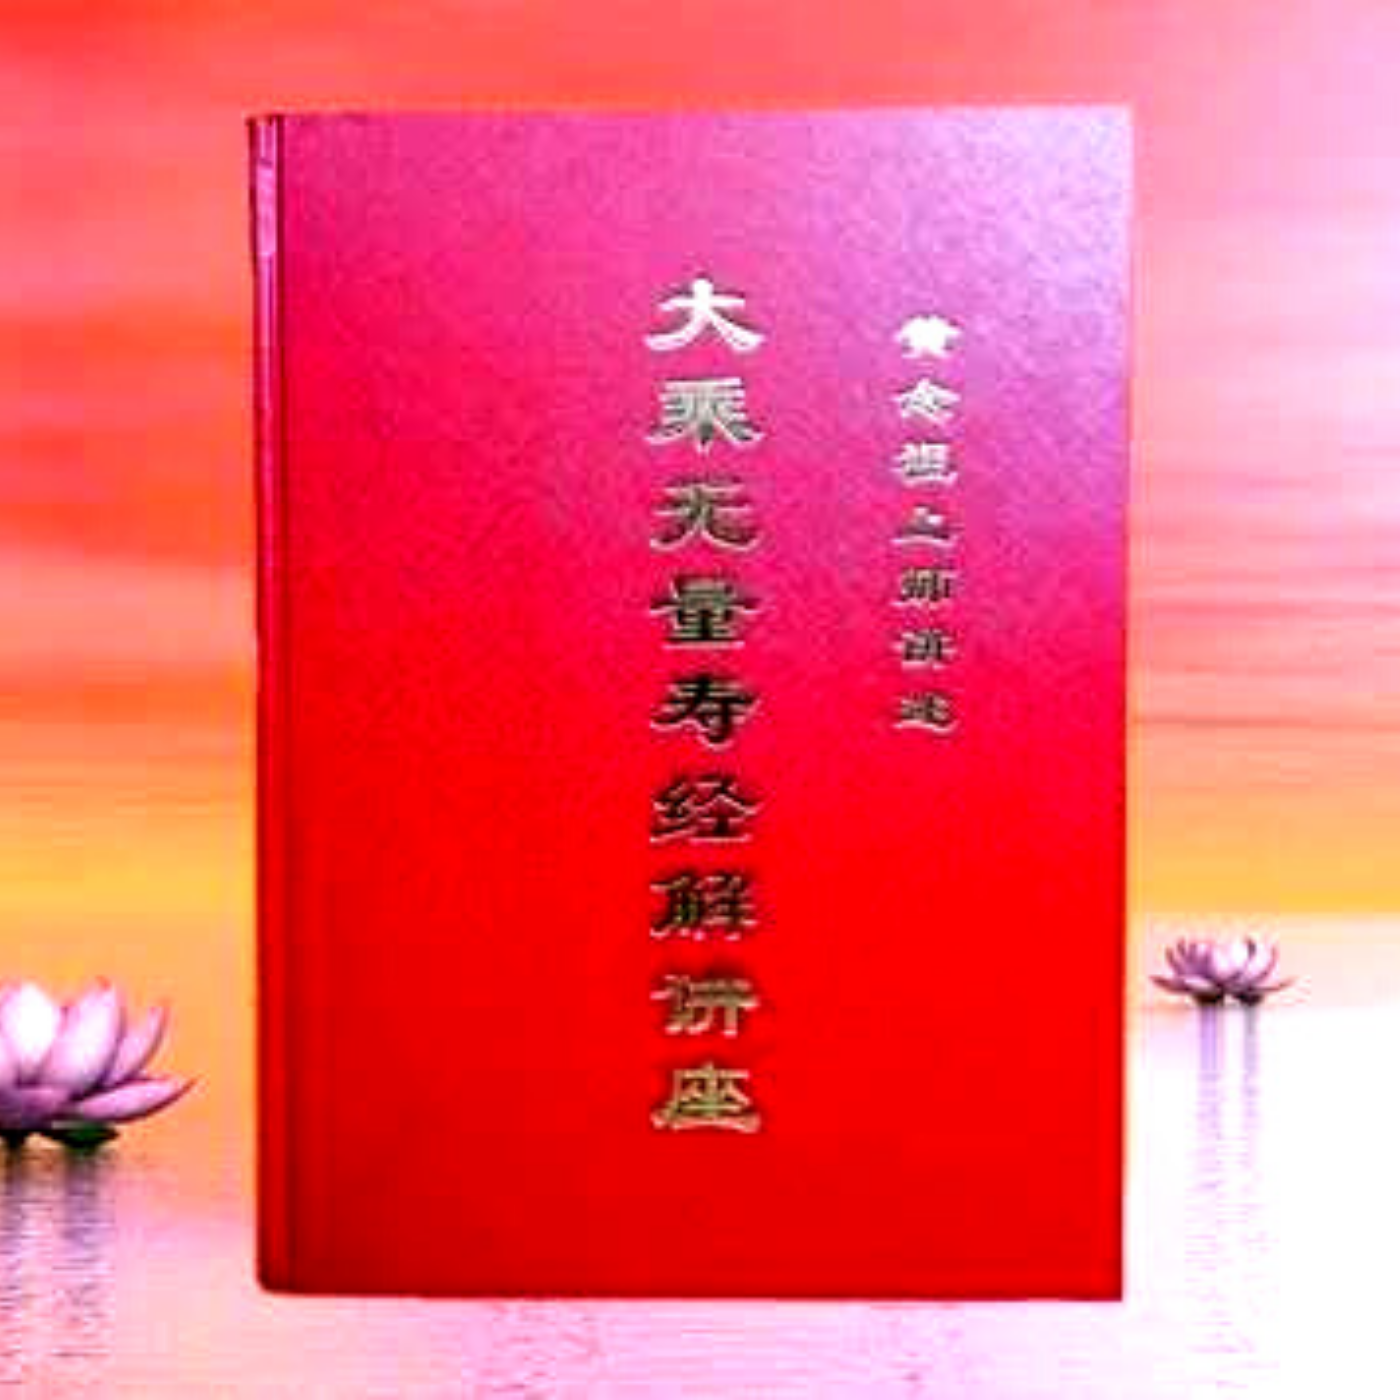 《无量寿经讲座》(黄念祖老居士原声)